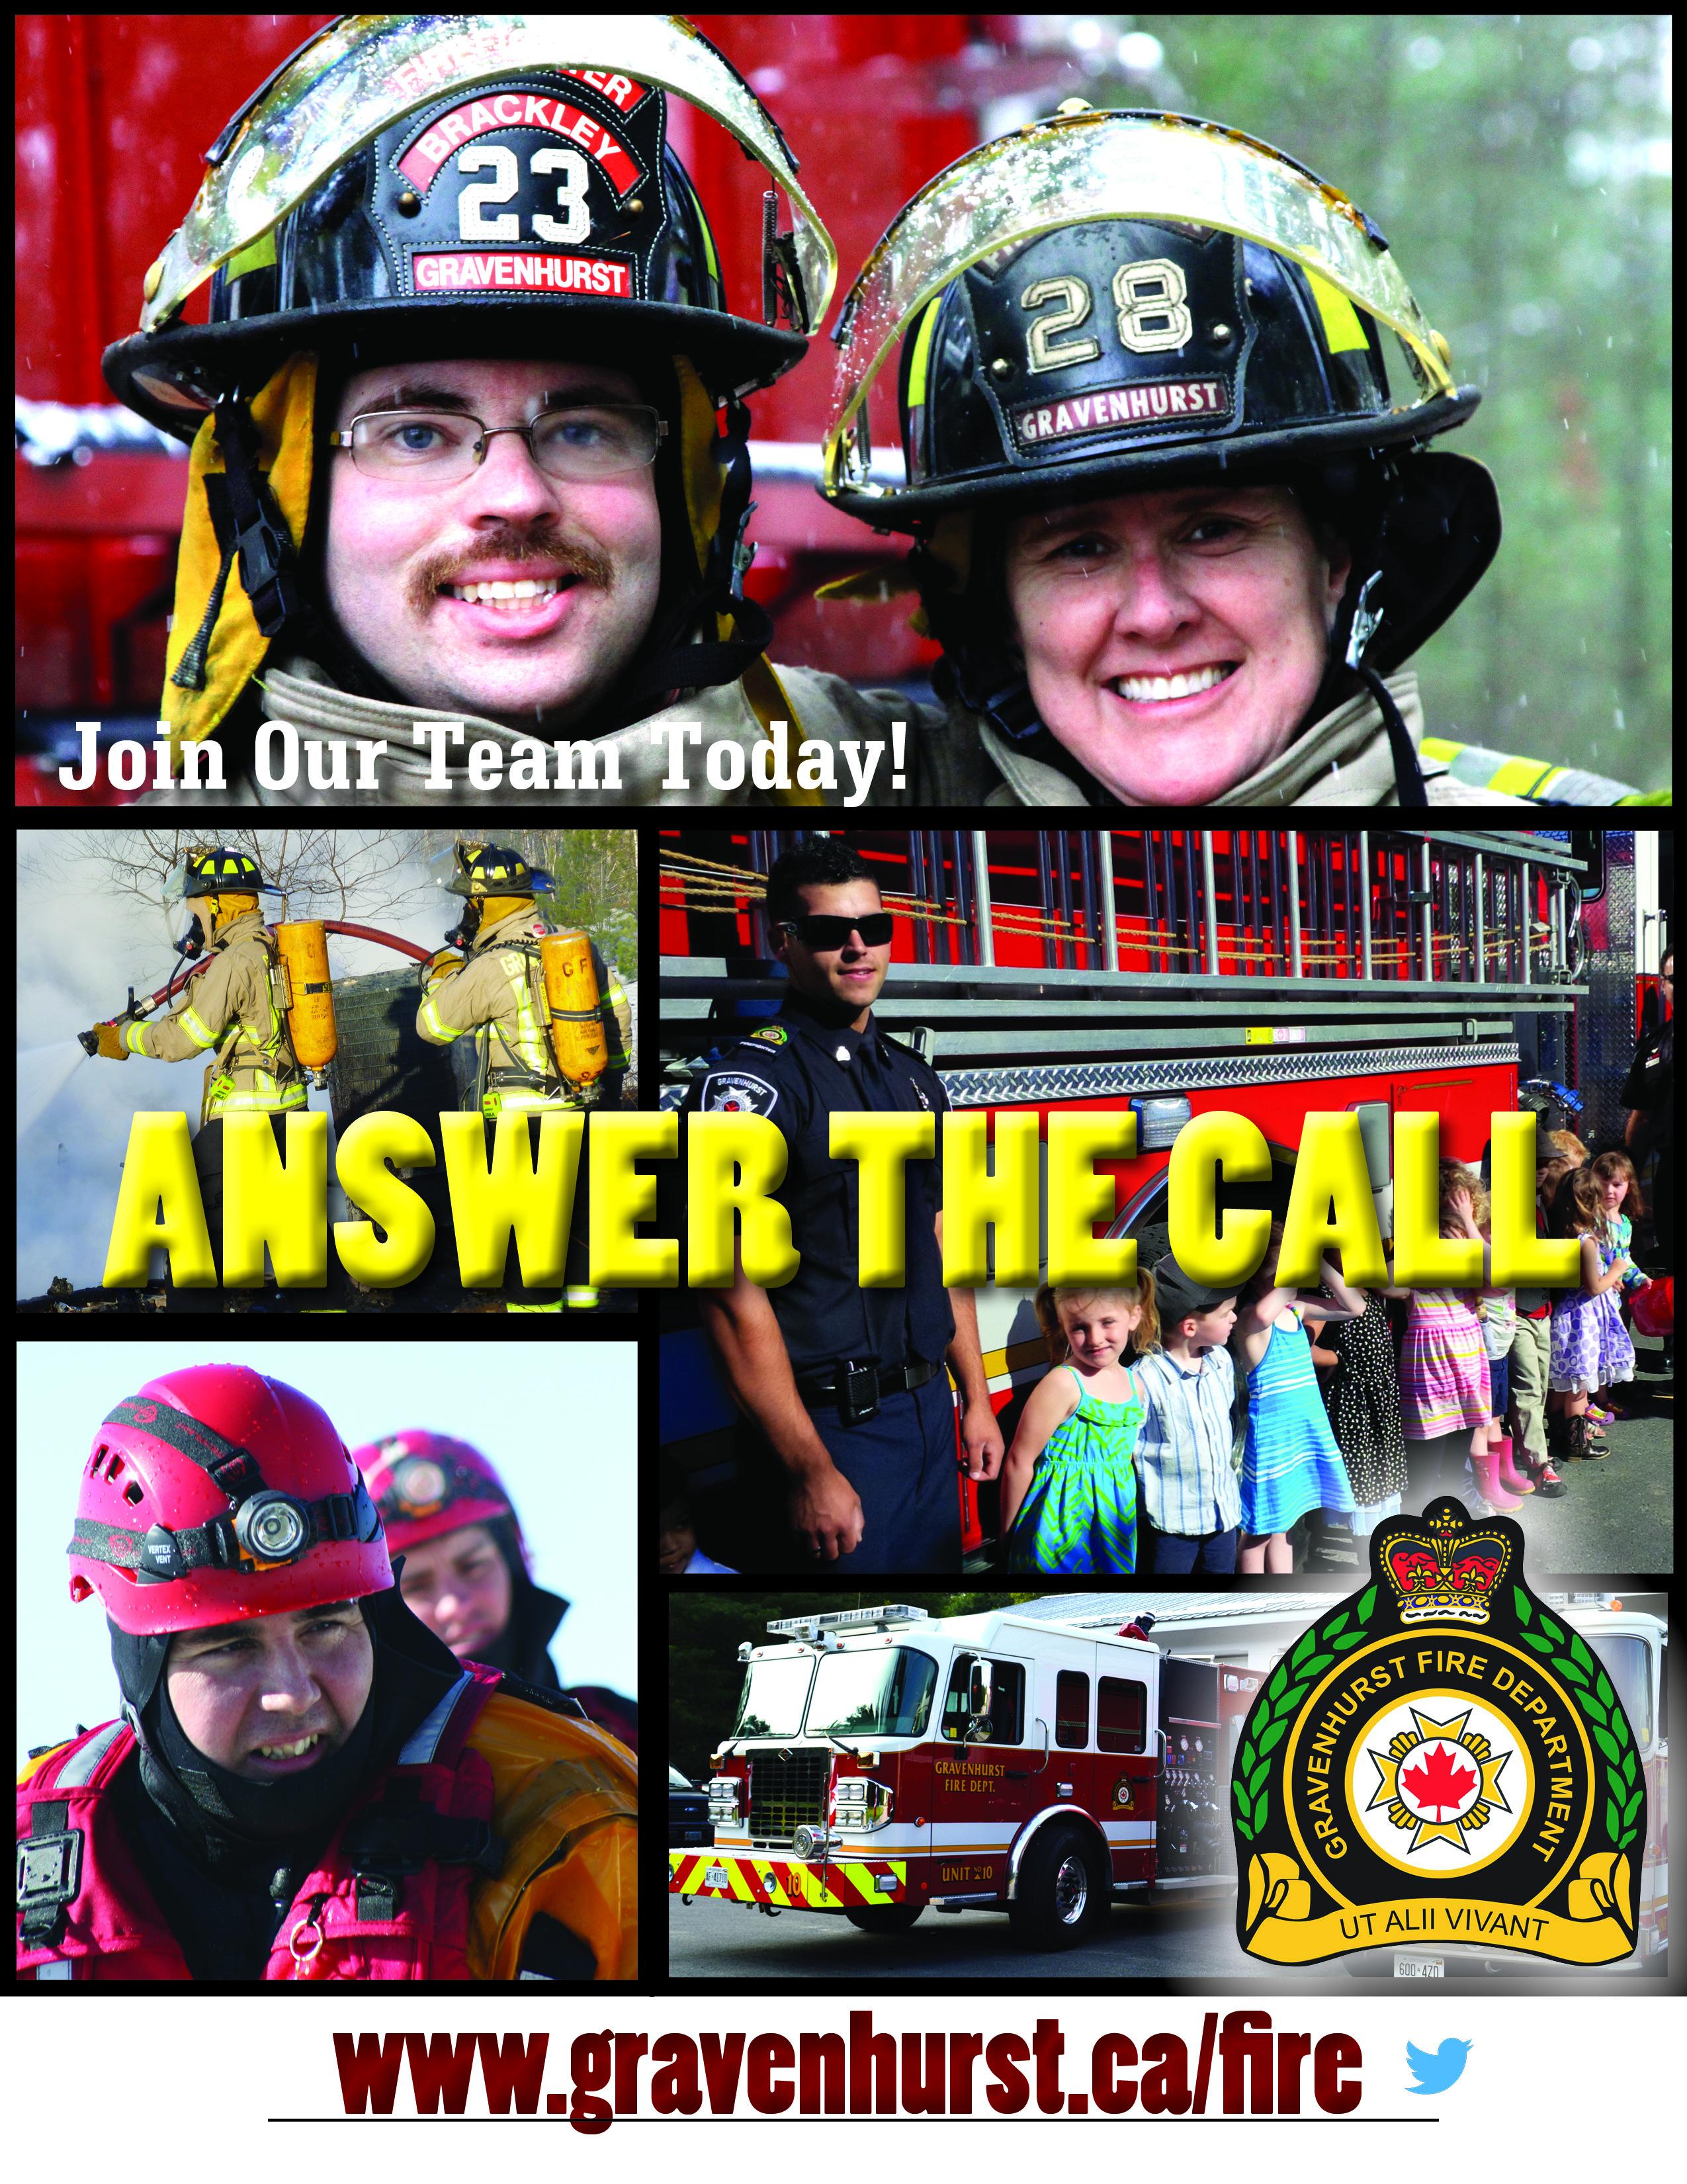 Gravenhurst Fire Poster 2017_4